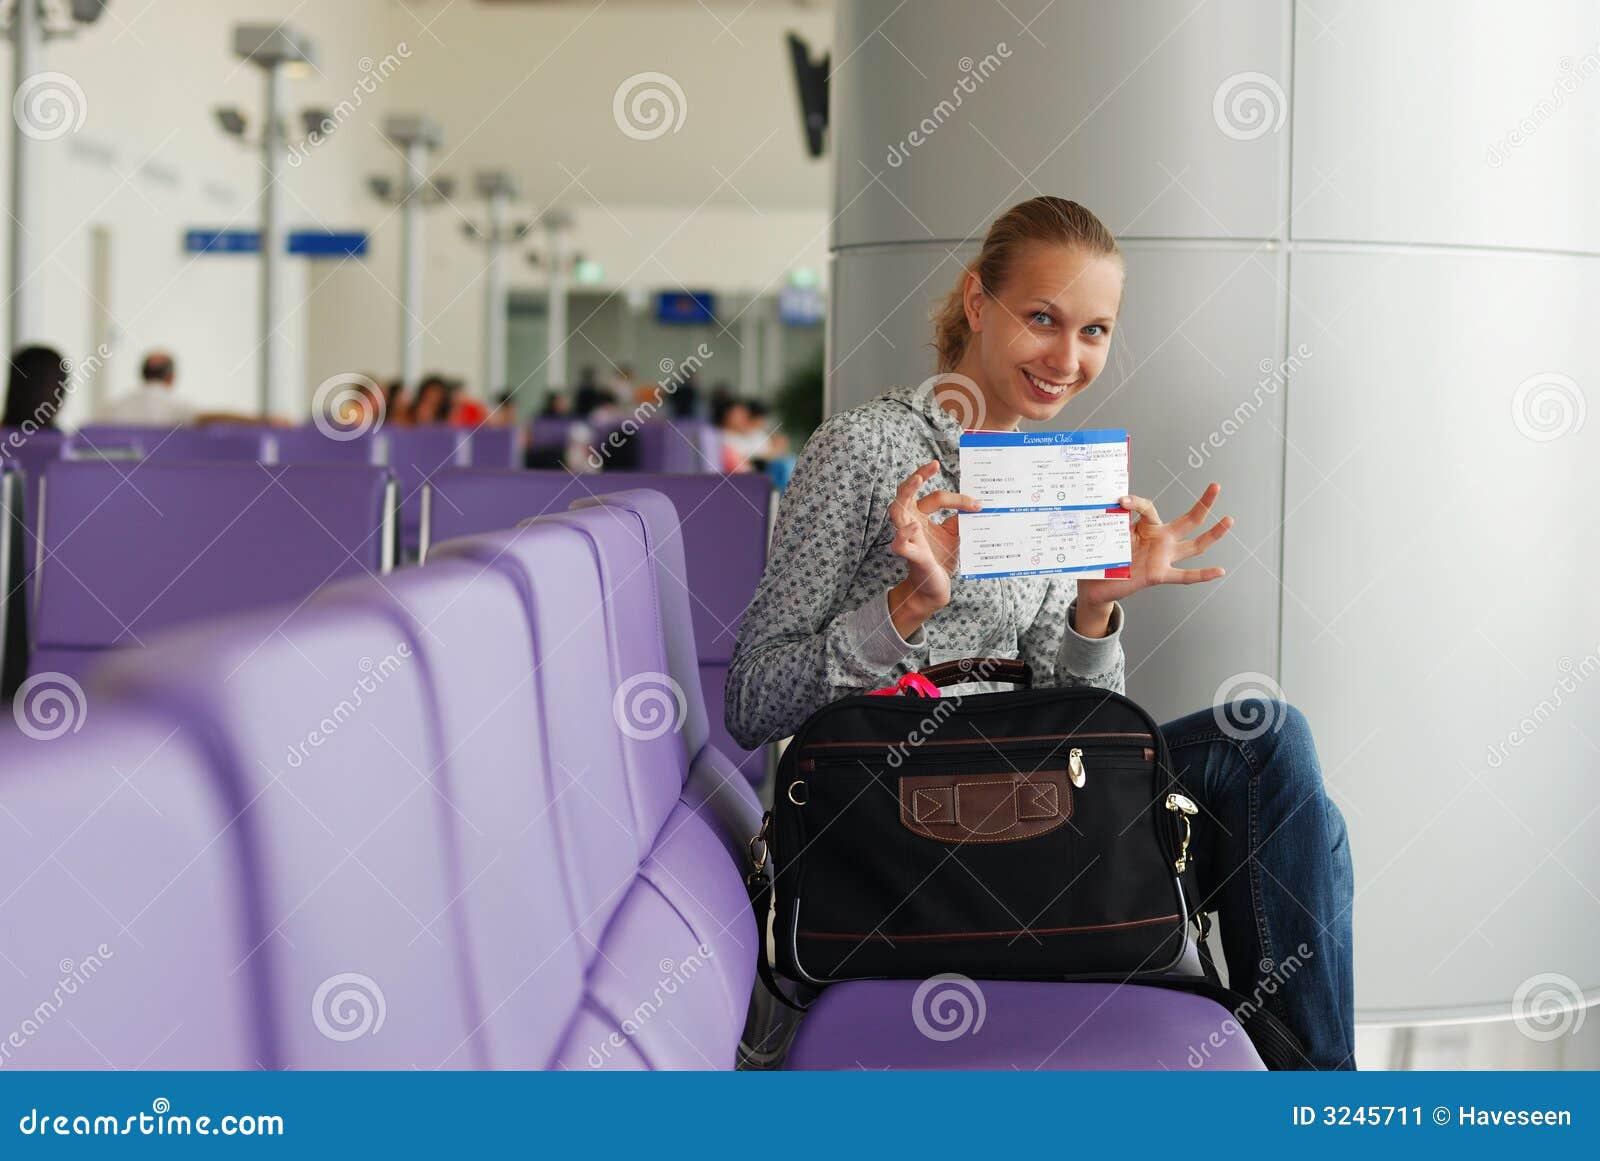 Aspettando un volo